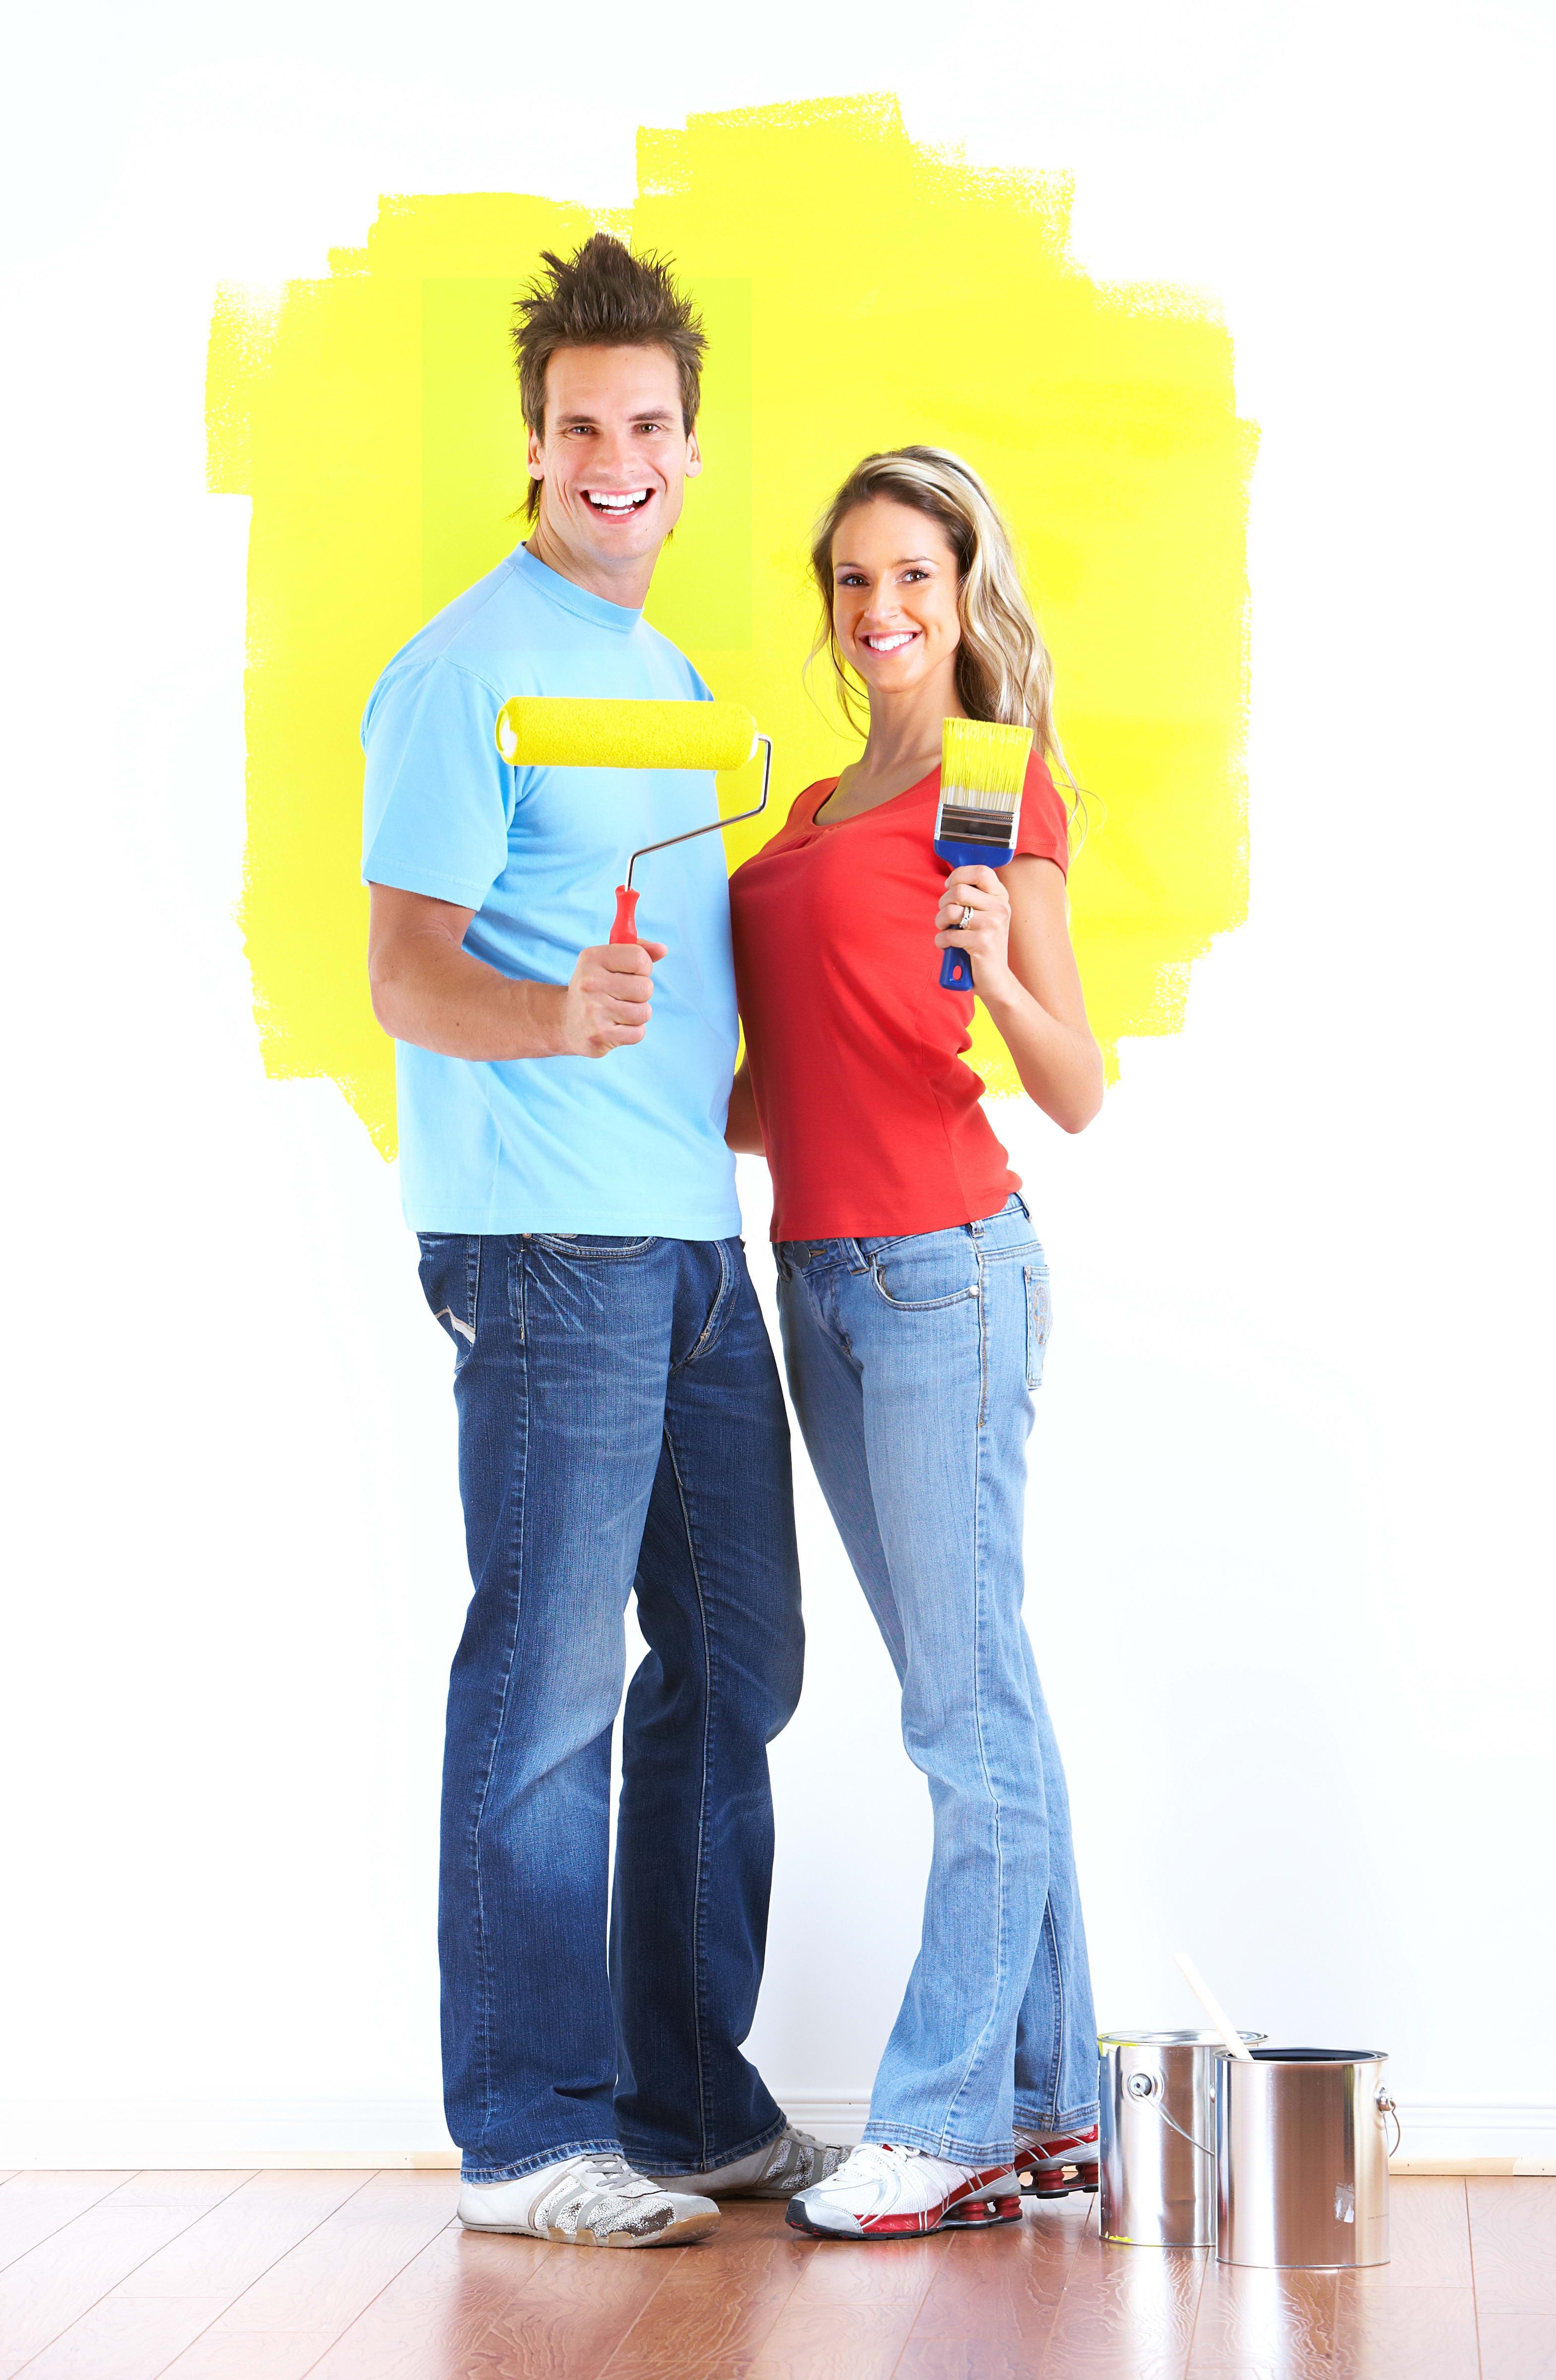 маляры, парень и девушка красят стену, фото, скачать